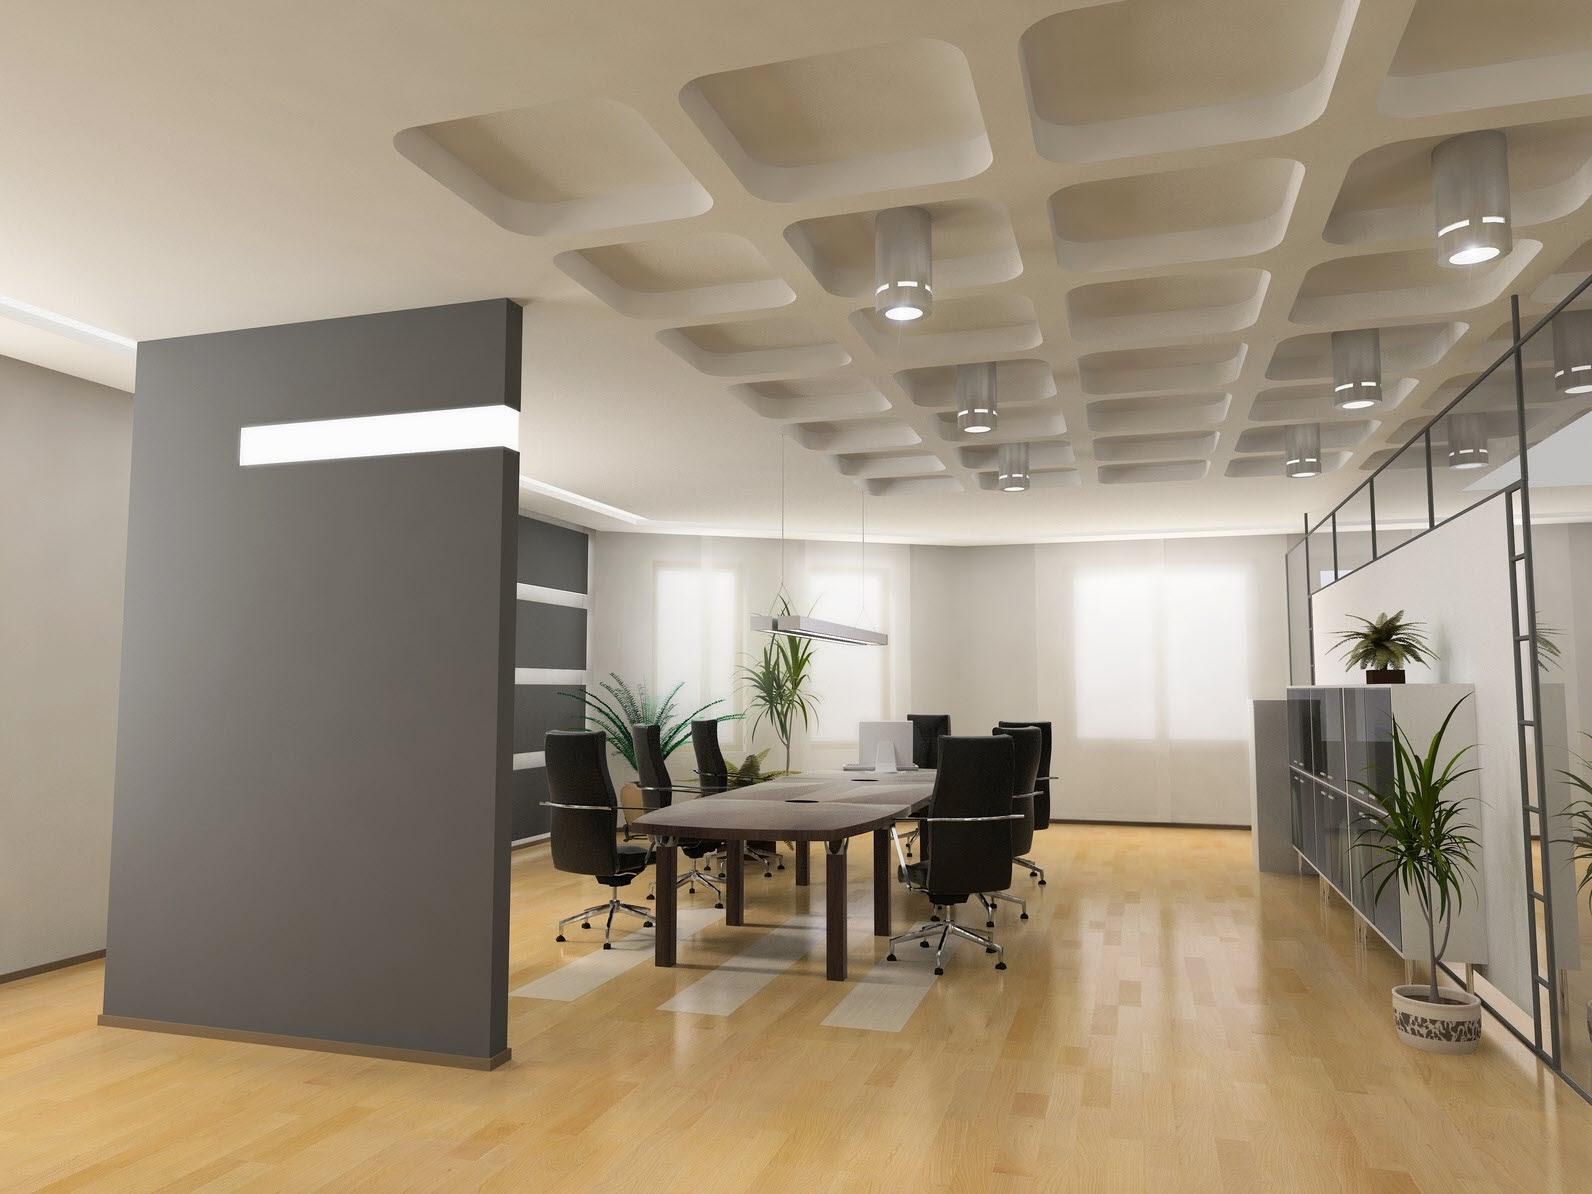 Las mejores ideas para decorar una oficina